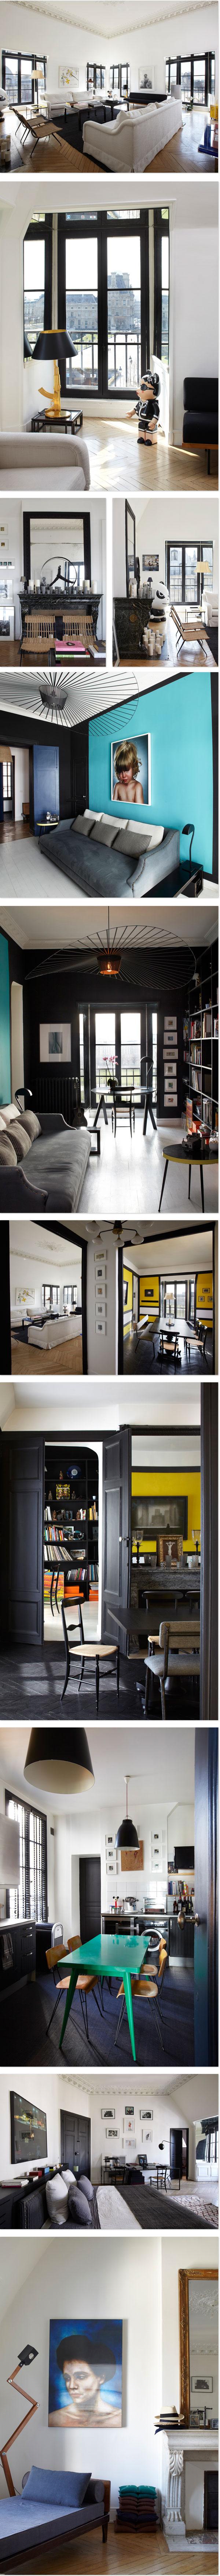 Ein farbenfrohes Apartment in Paris